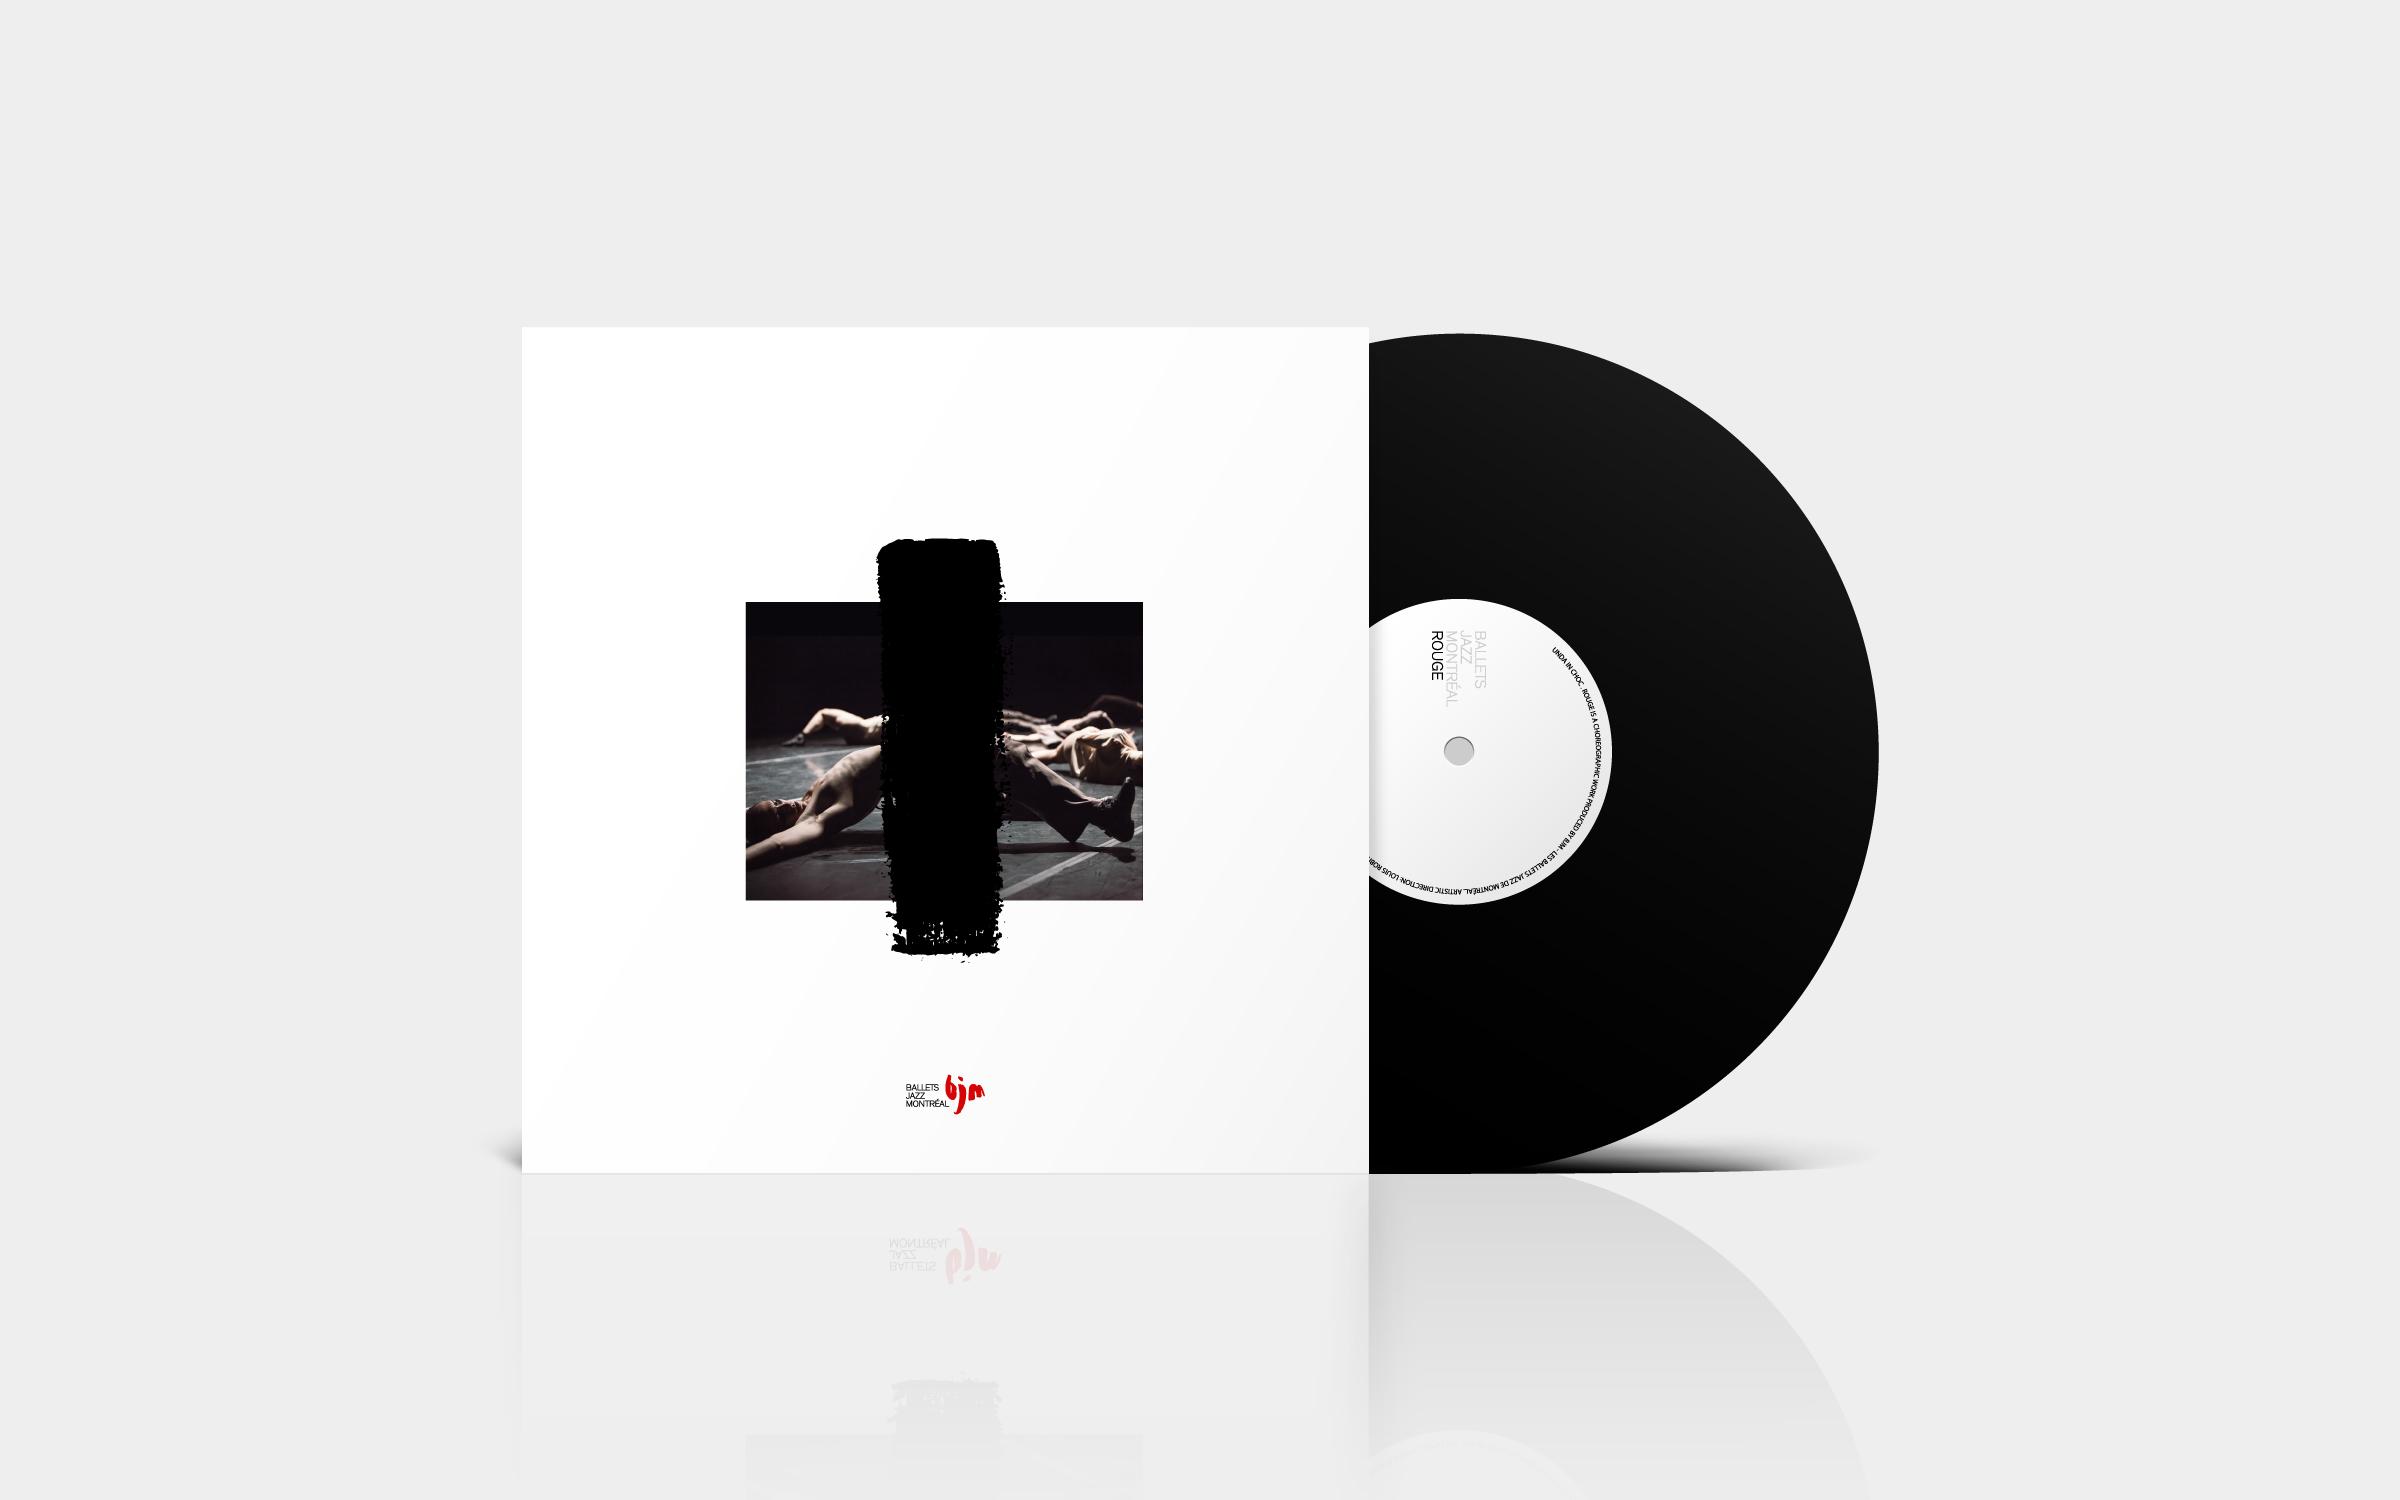 Bjm_vinyl-artwork_light